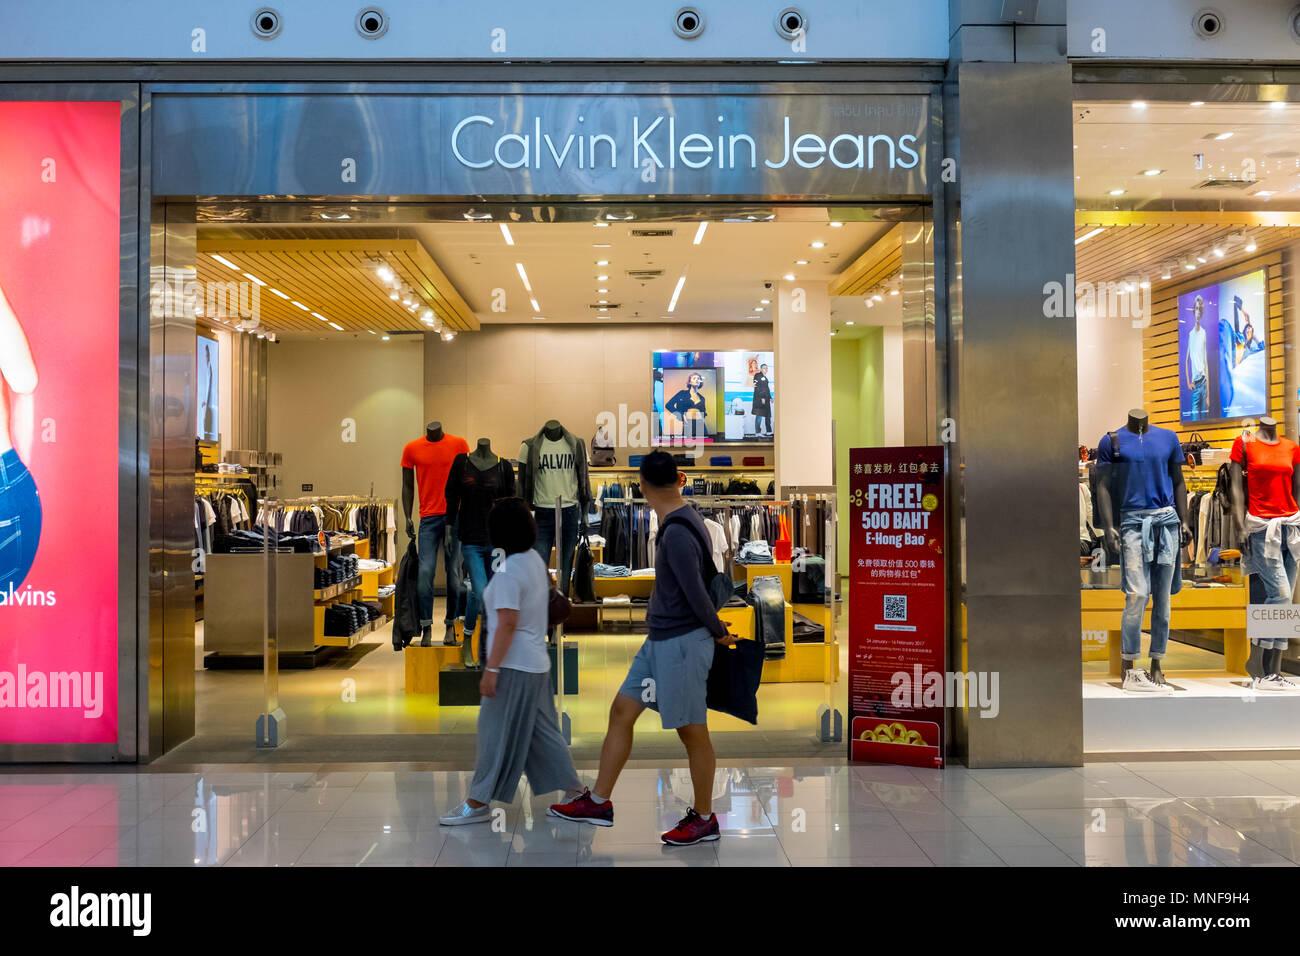 85711c376 Calvin Klein Store Stock Photos   Calvin Klein Store Stock Images ...